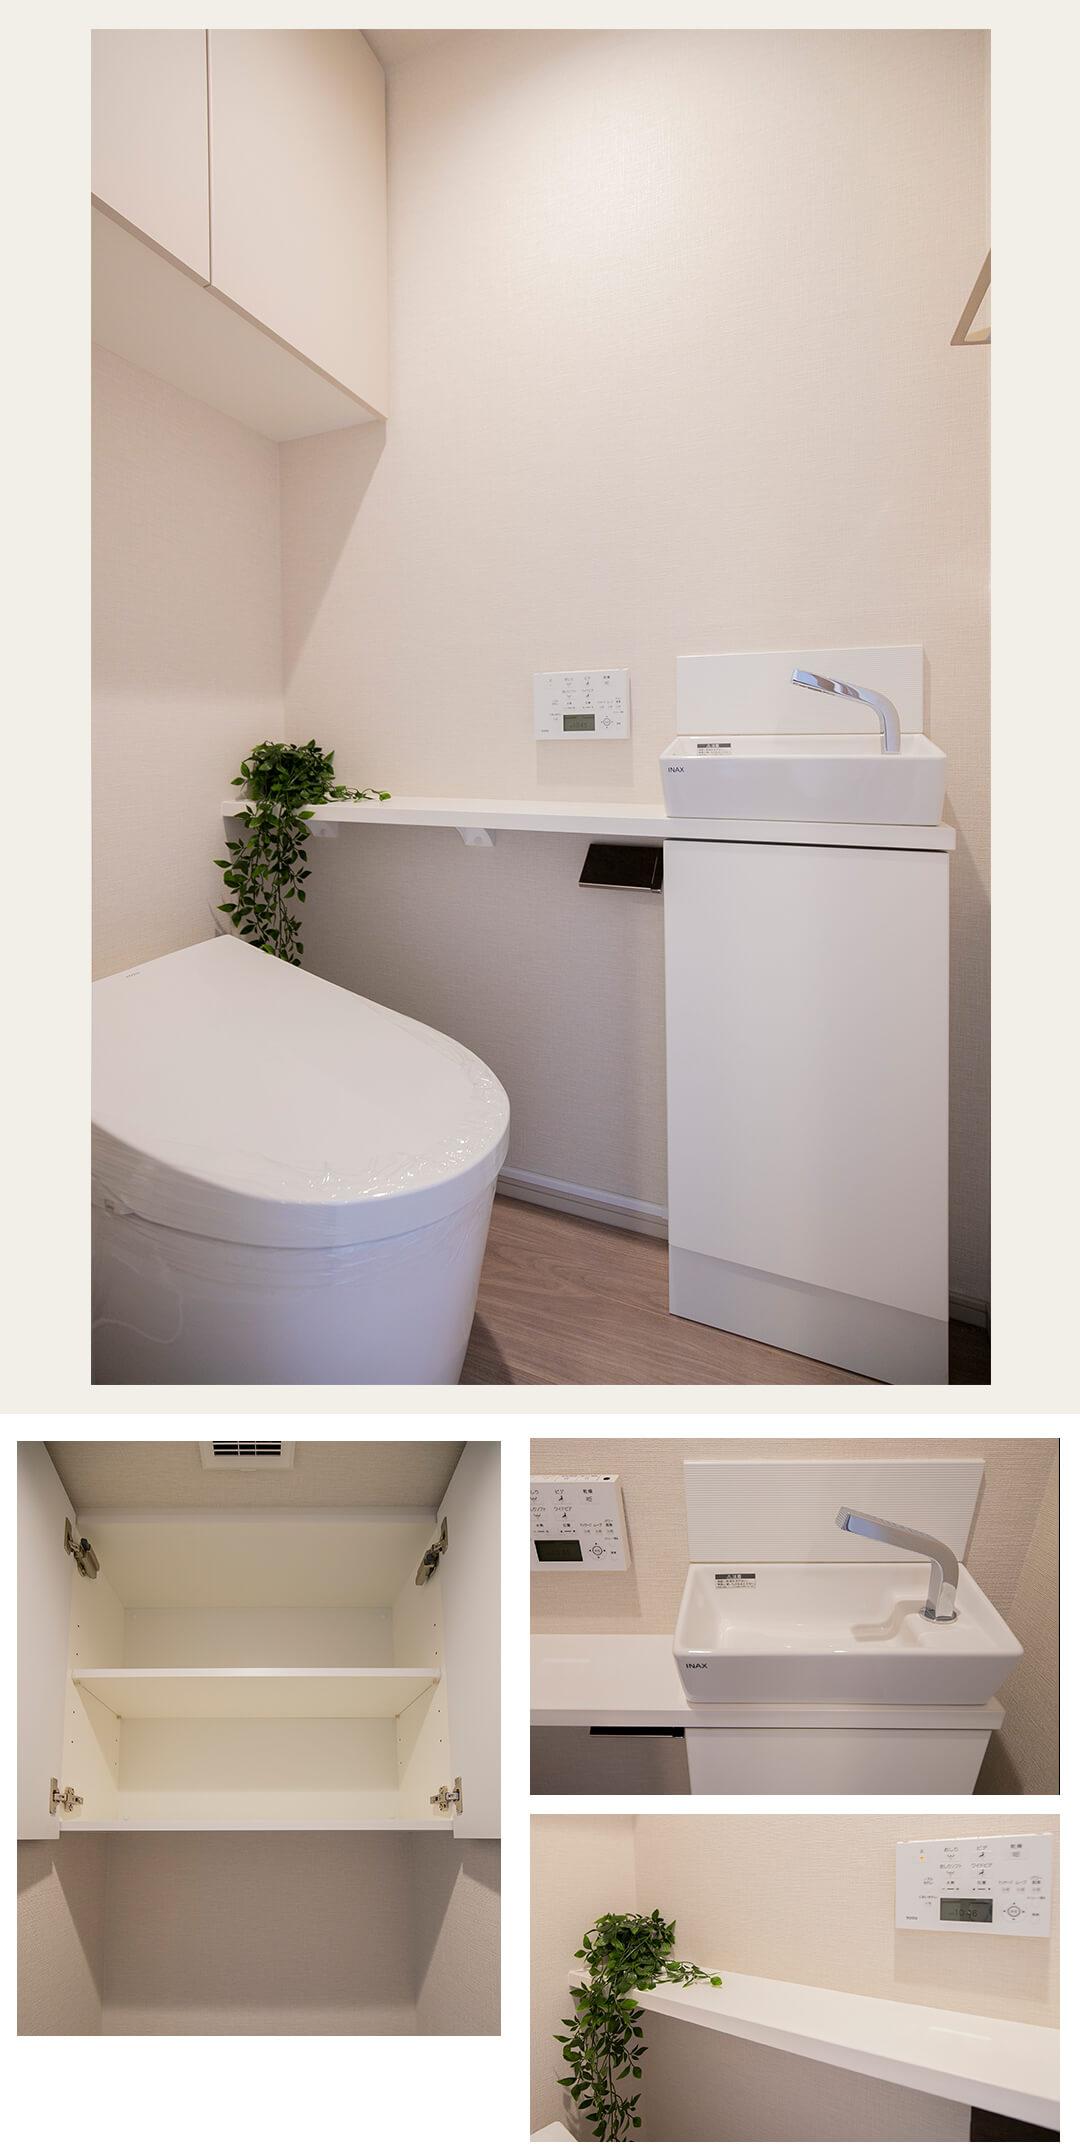 ガーラ・レジデンス三鷹シャインパークスのトイレ